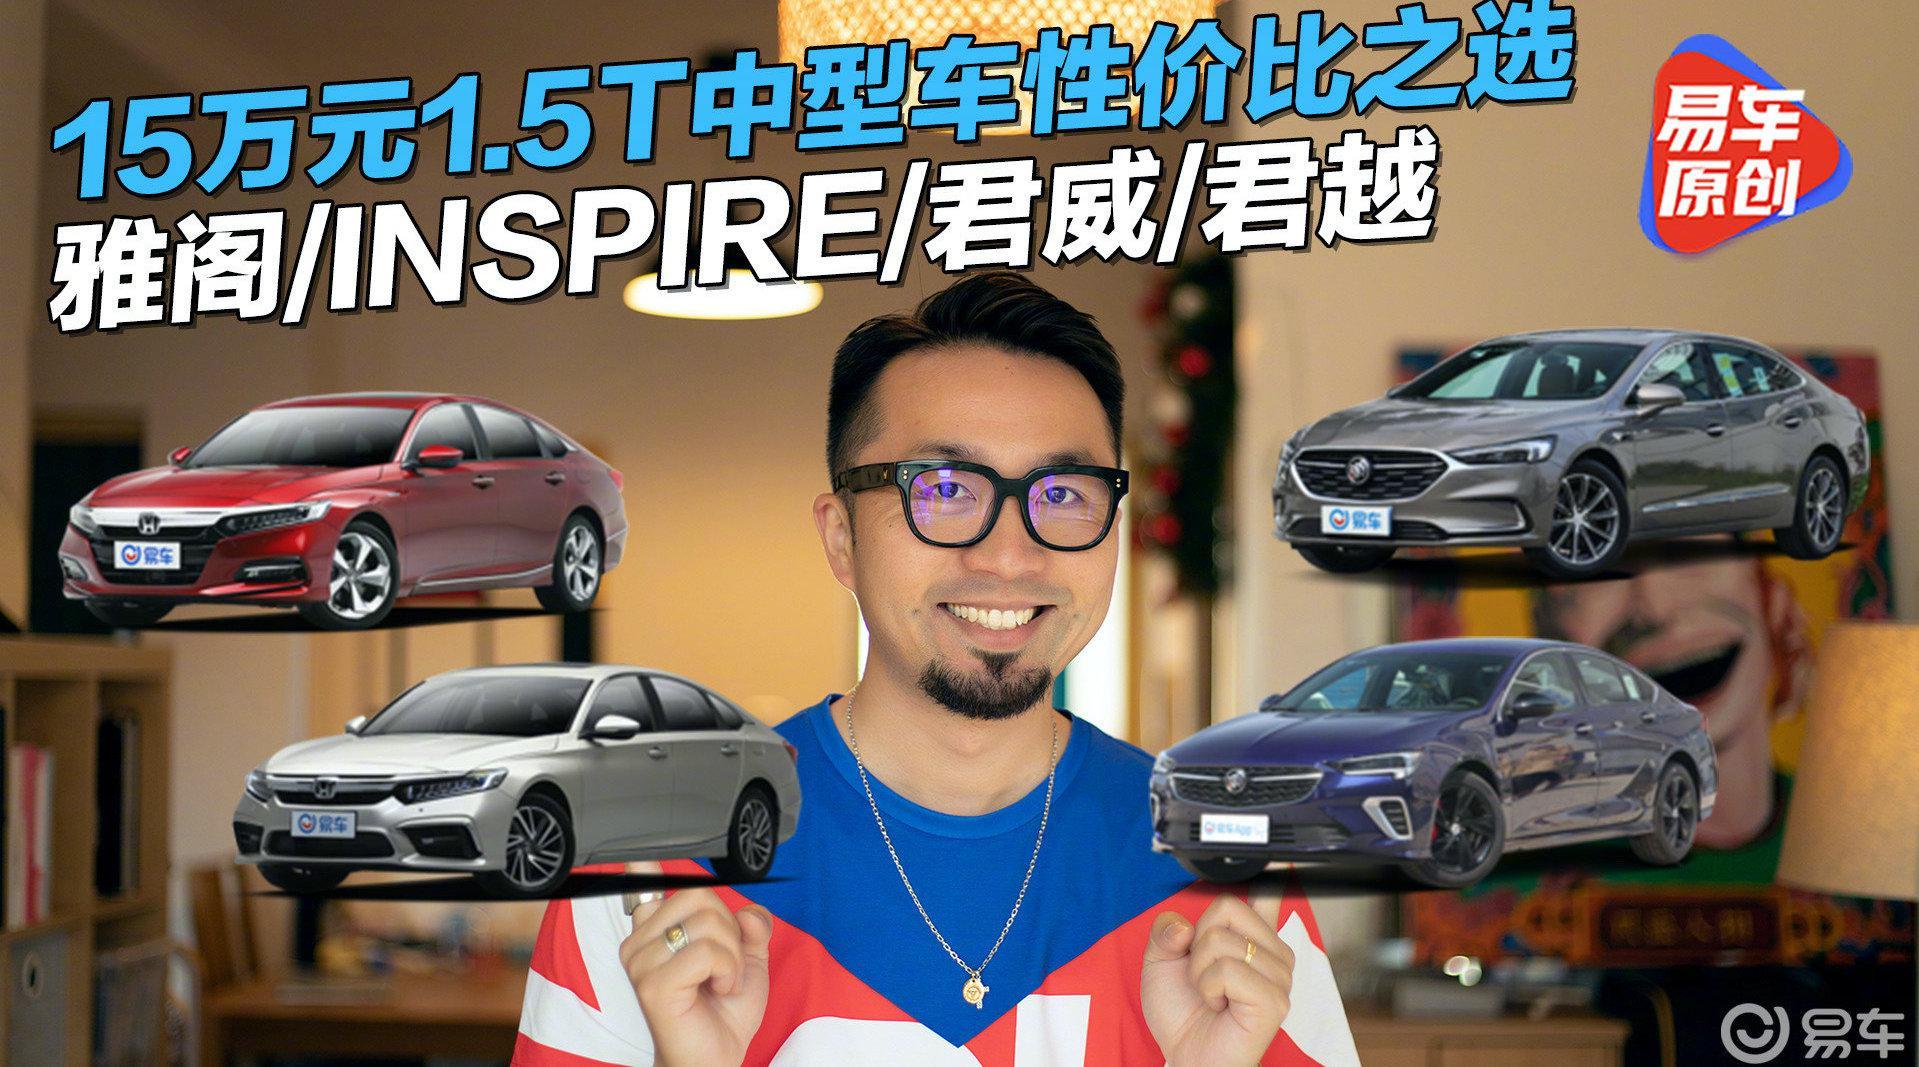 视频:15万元1.5T中型轿车才是性价比之选 雅阁/INSPIRE/君威/君越